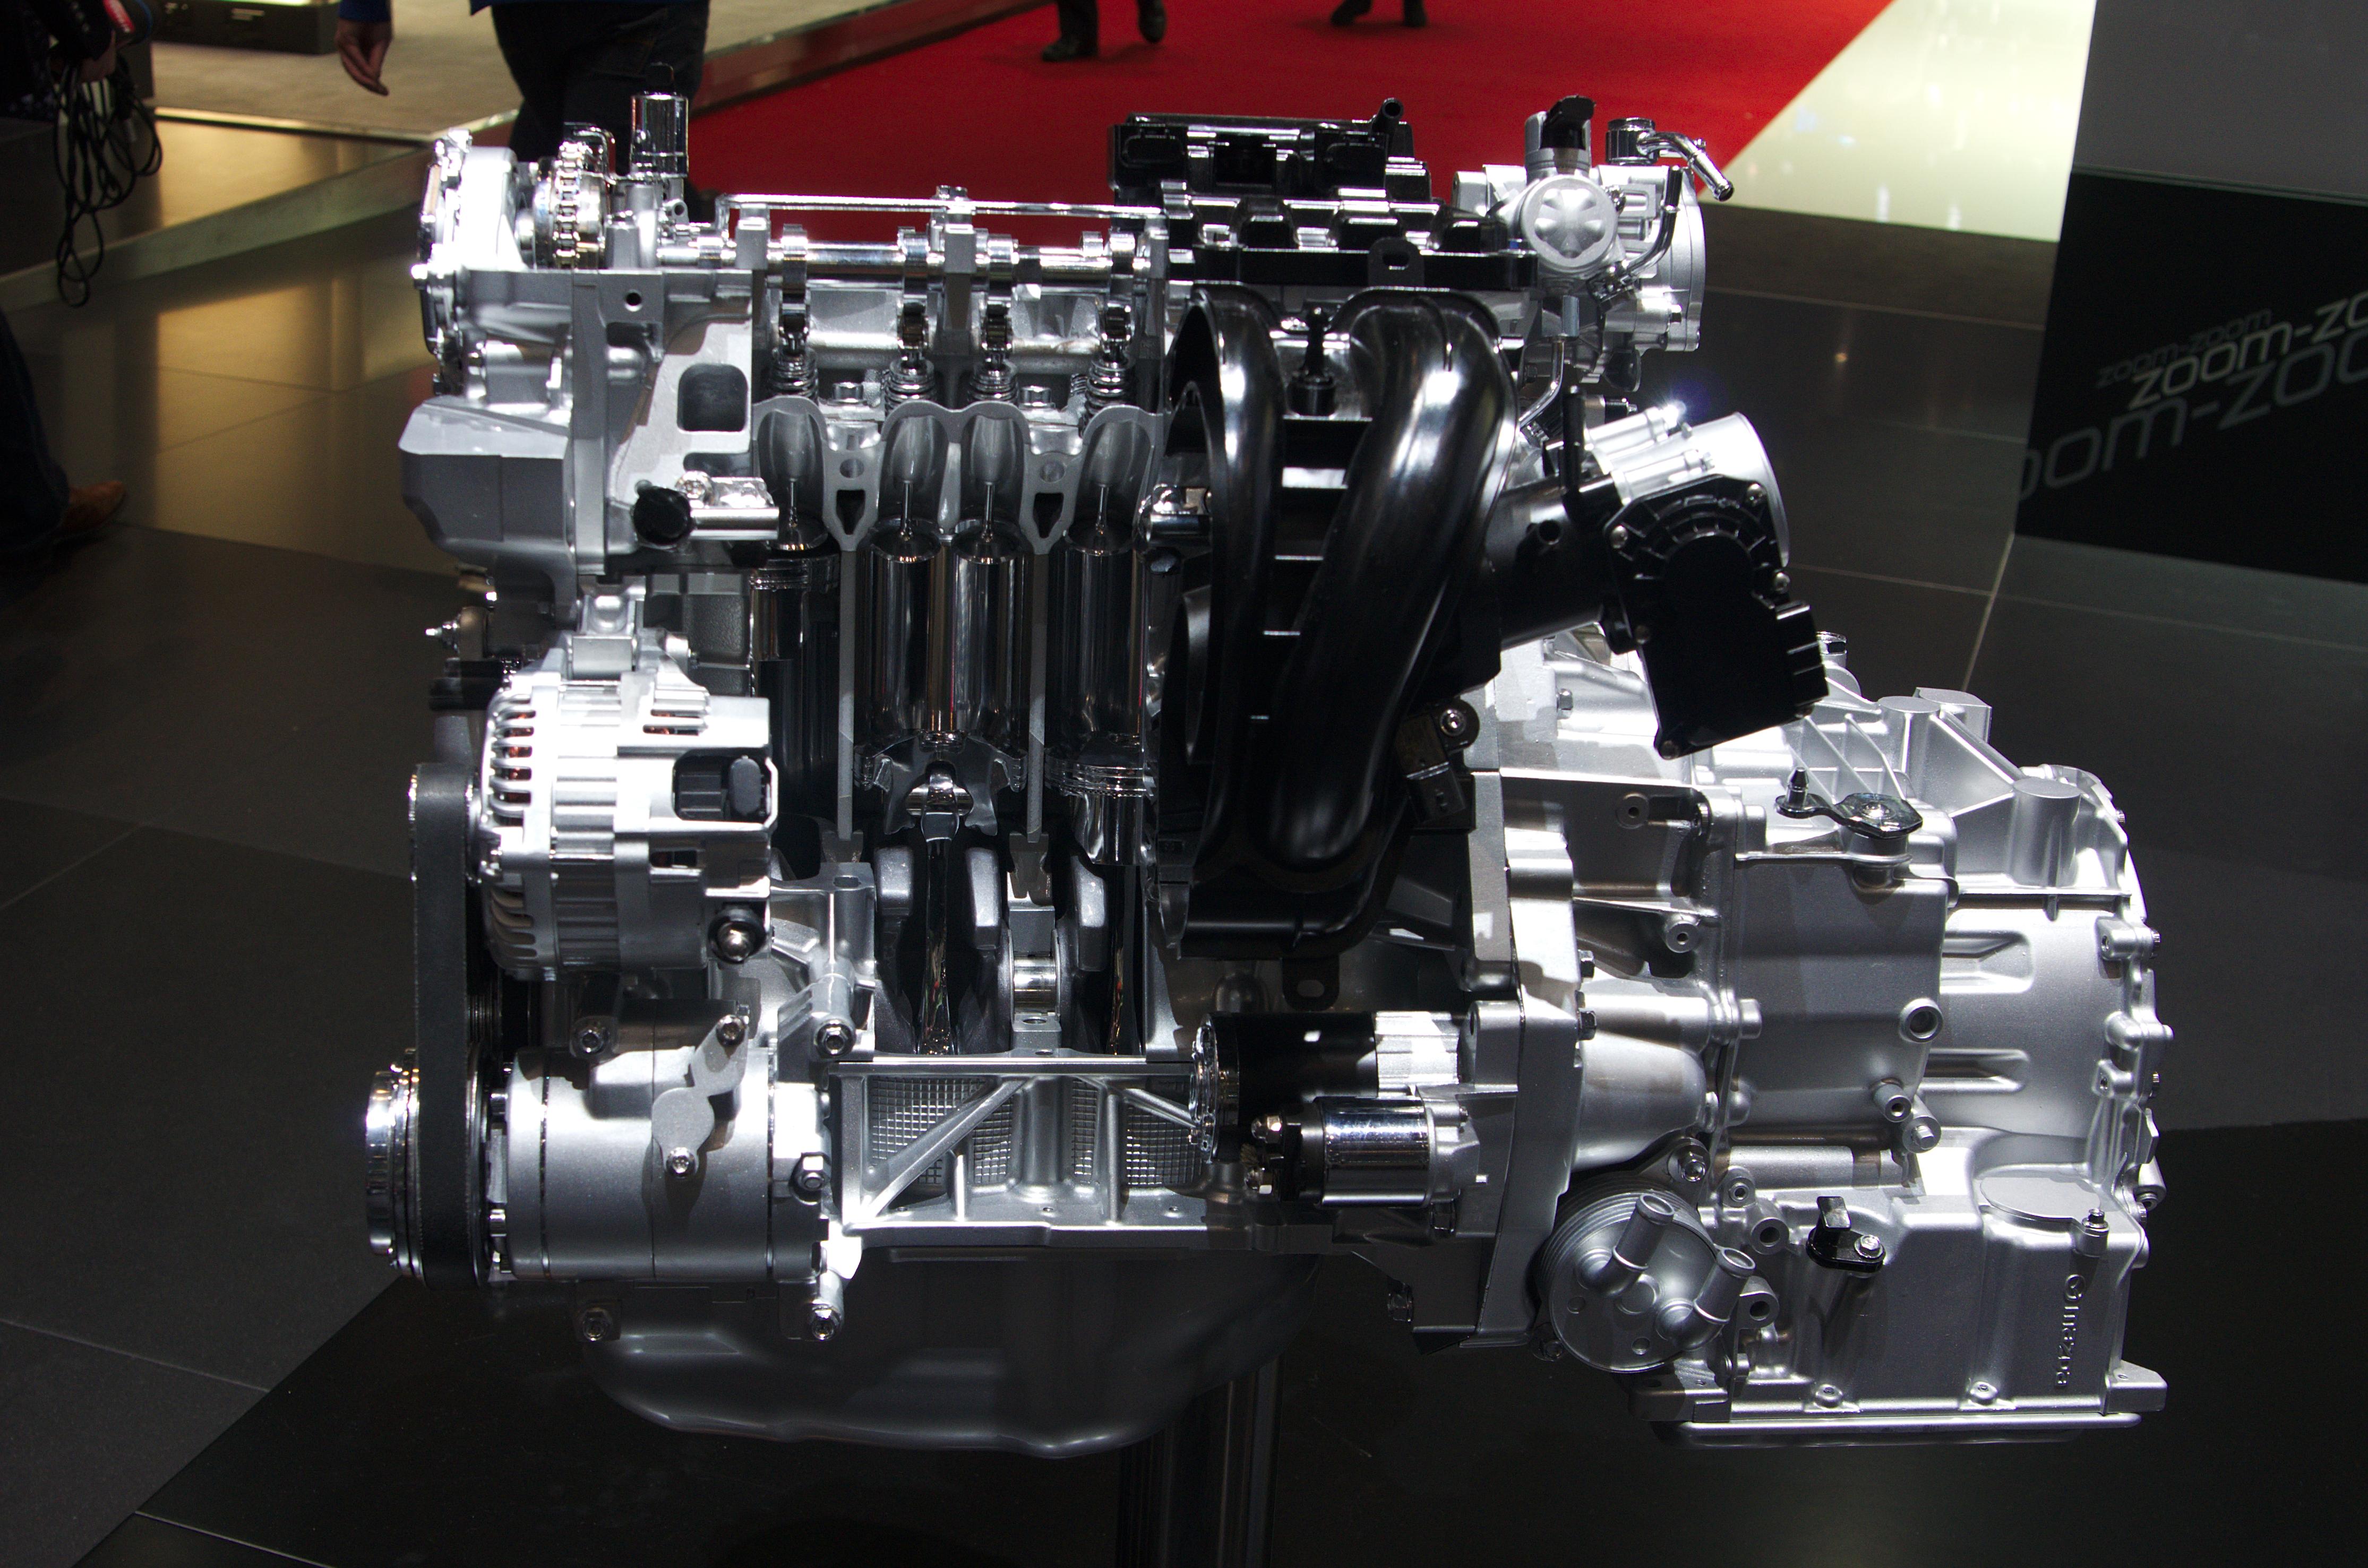 file:geneva motorshow 2013 - mazda skyactiv-g2.5l engine